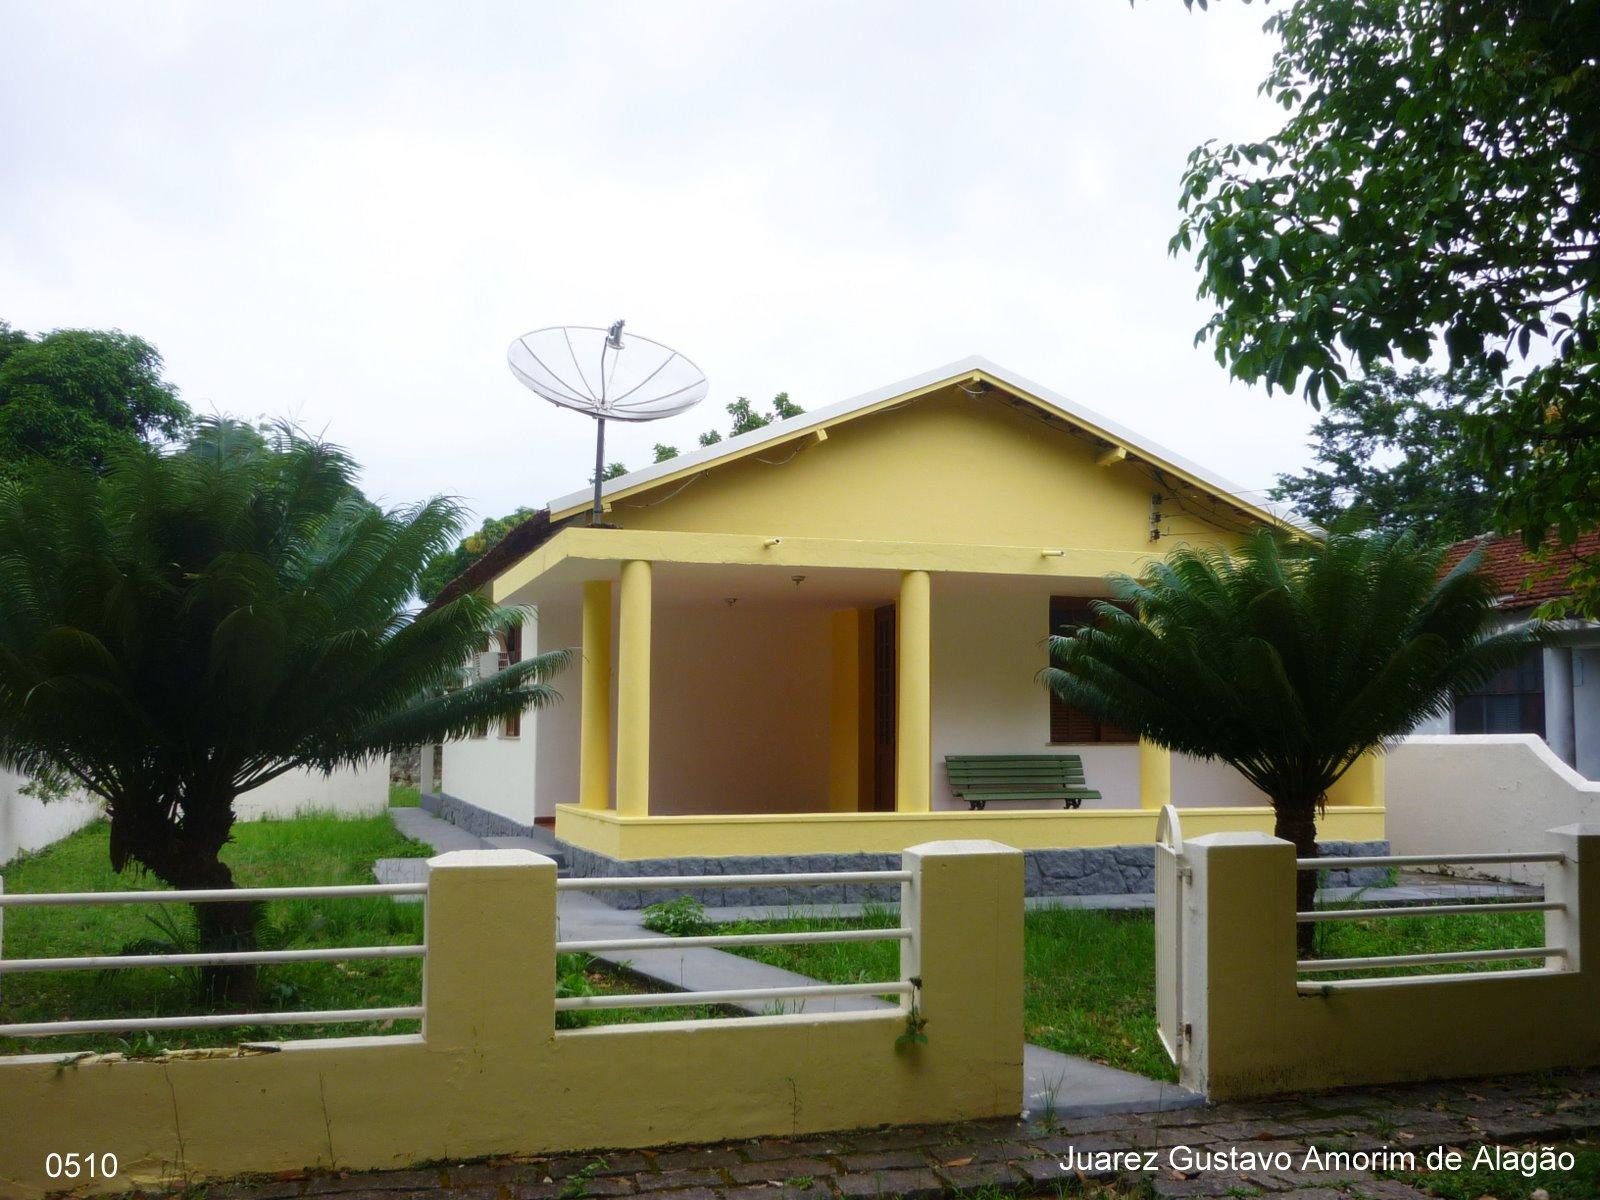 casa do funcionrio geraldo vilela que trabalhava no setor do presdio uma das poucas casas reformadas